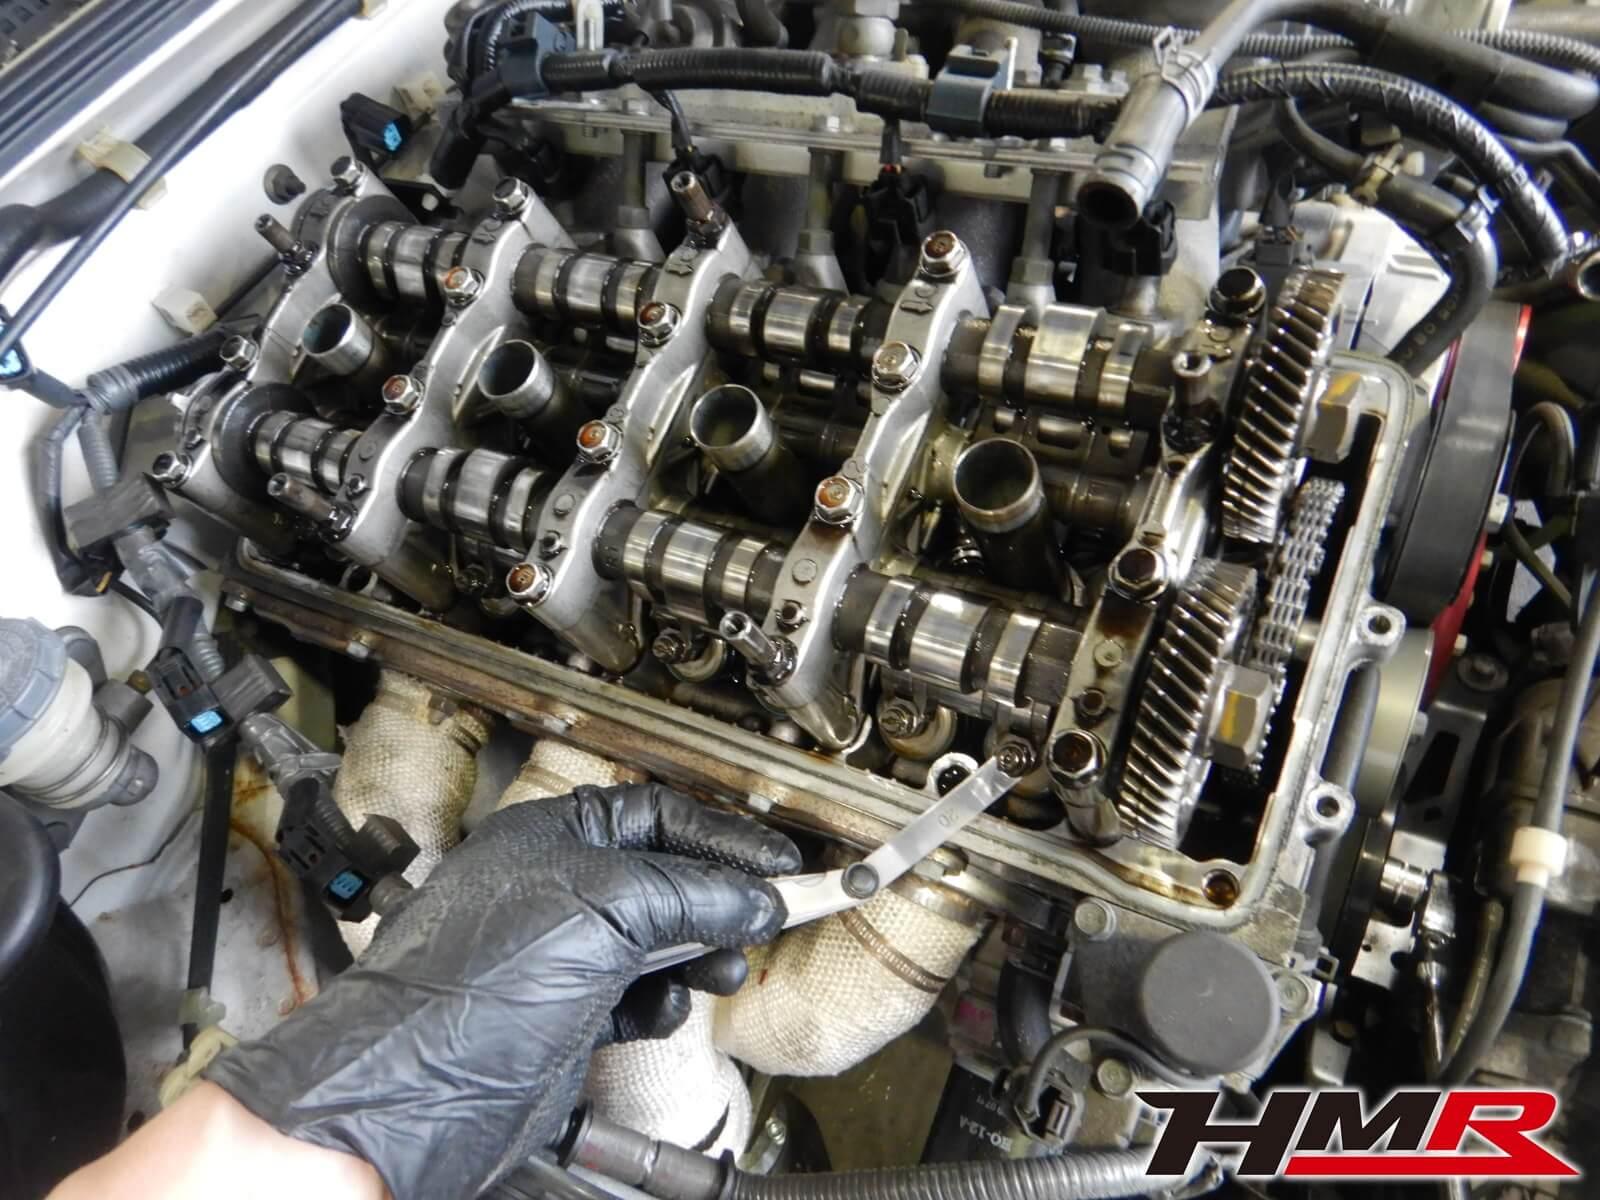 S2000(AP1)バルブタイミング調整